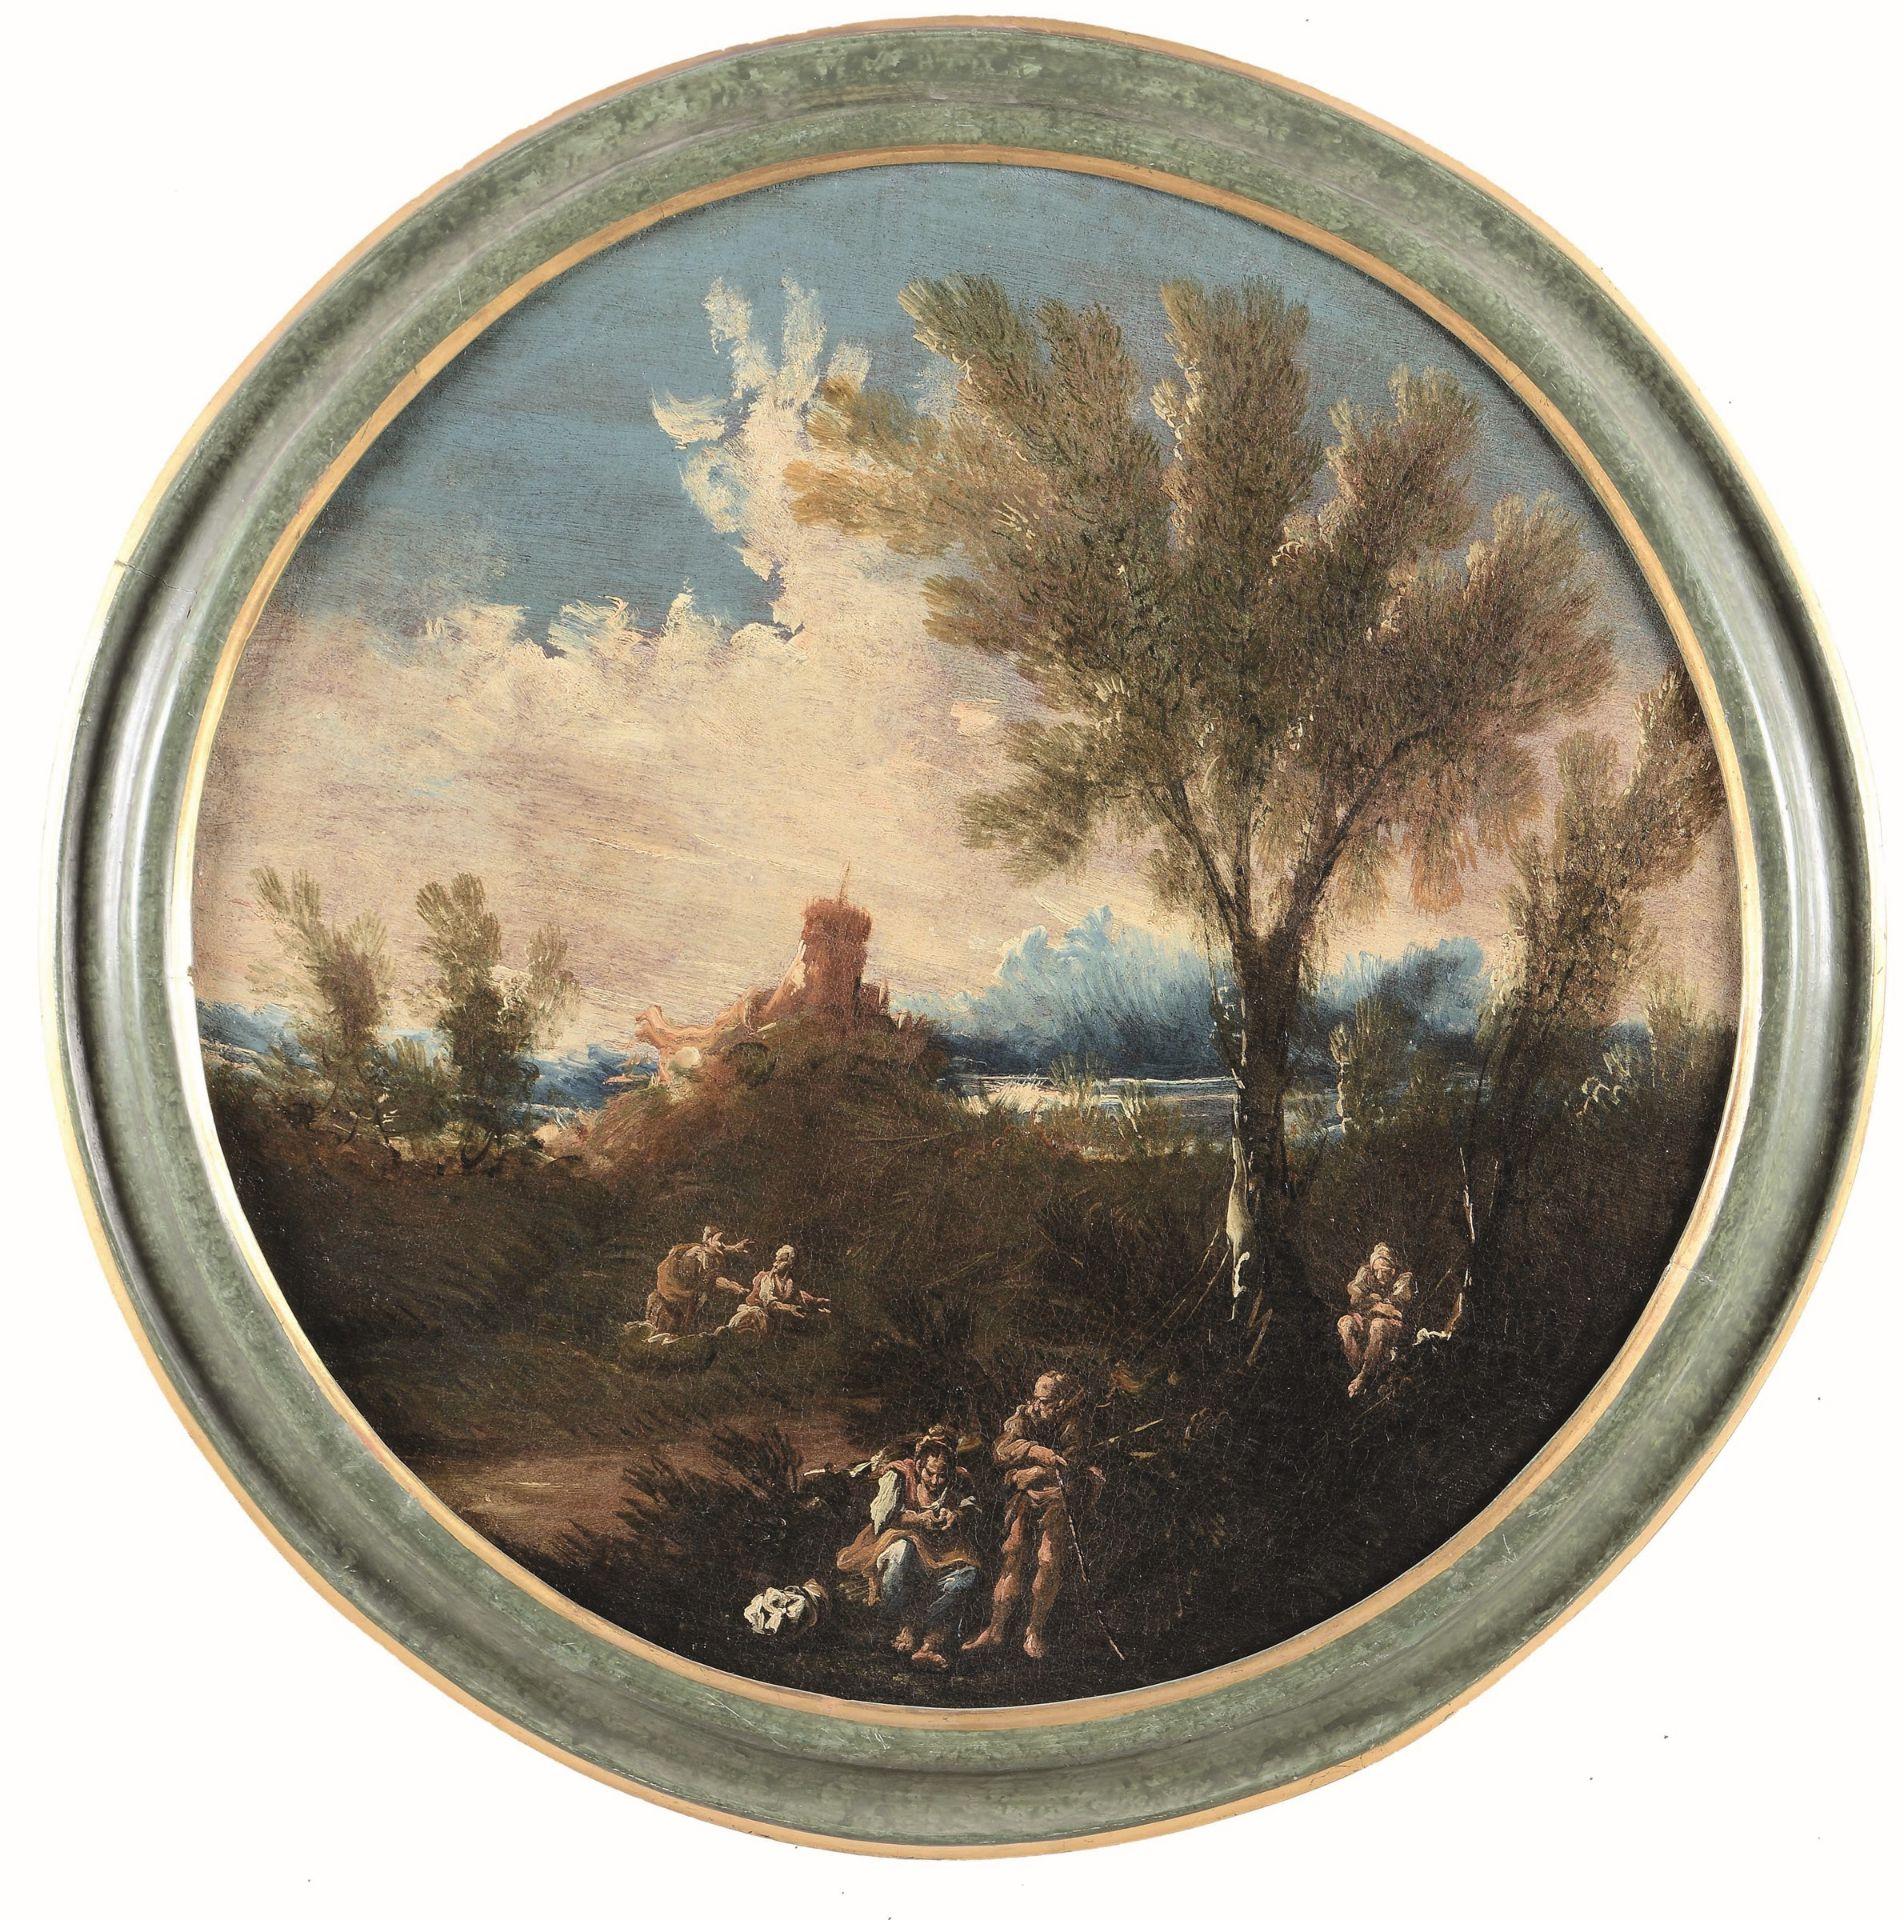 Los 35 - Anton Francesco Peruzzini (Ancona 1643 - Milano 1724), Paesaggio con contadini - [...]